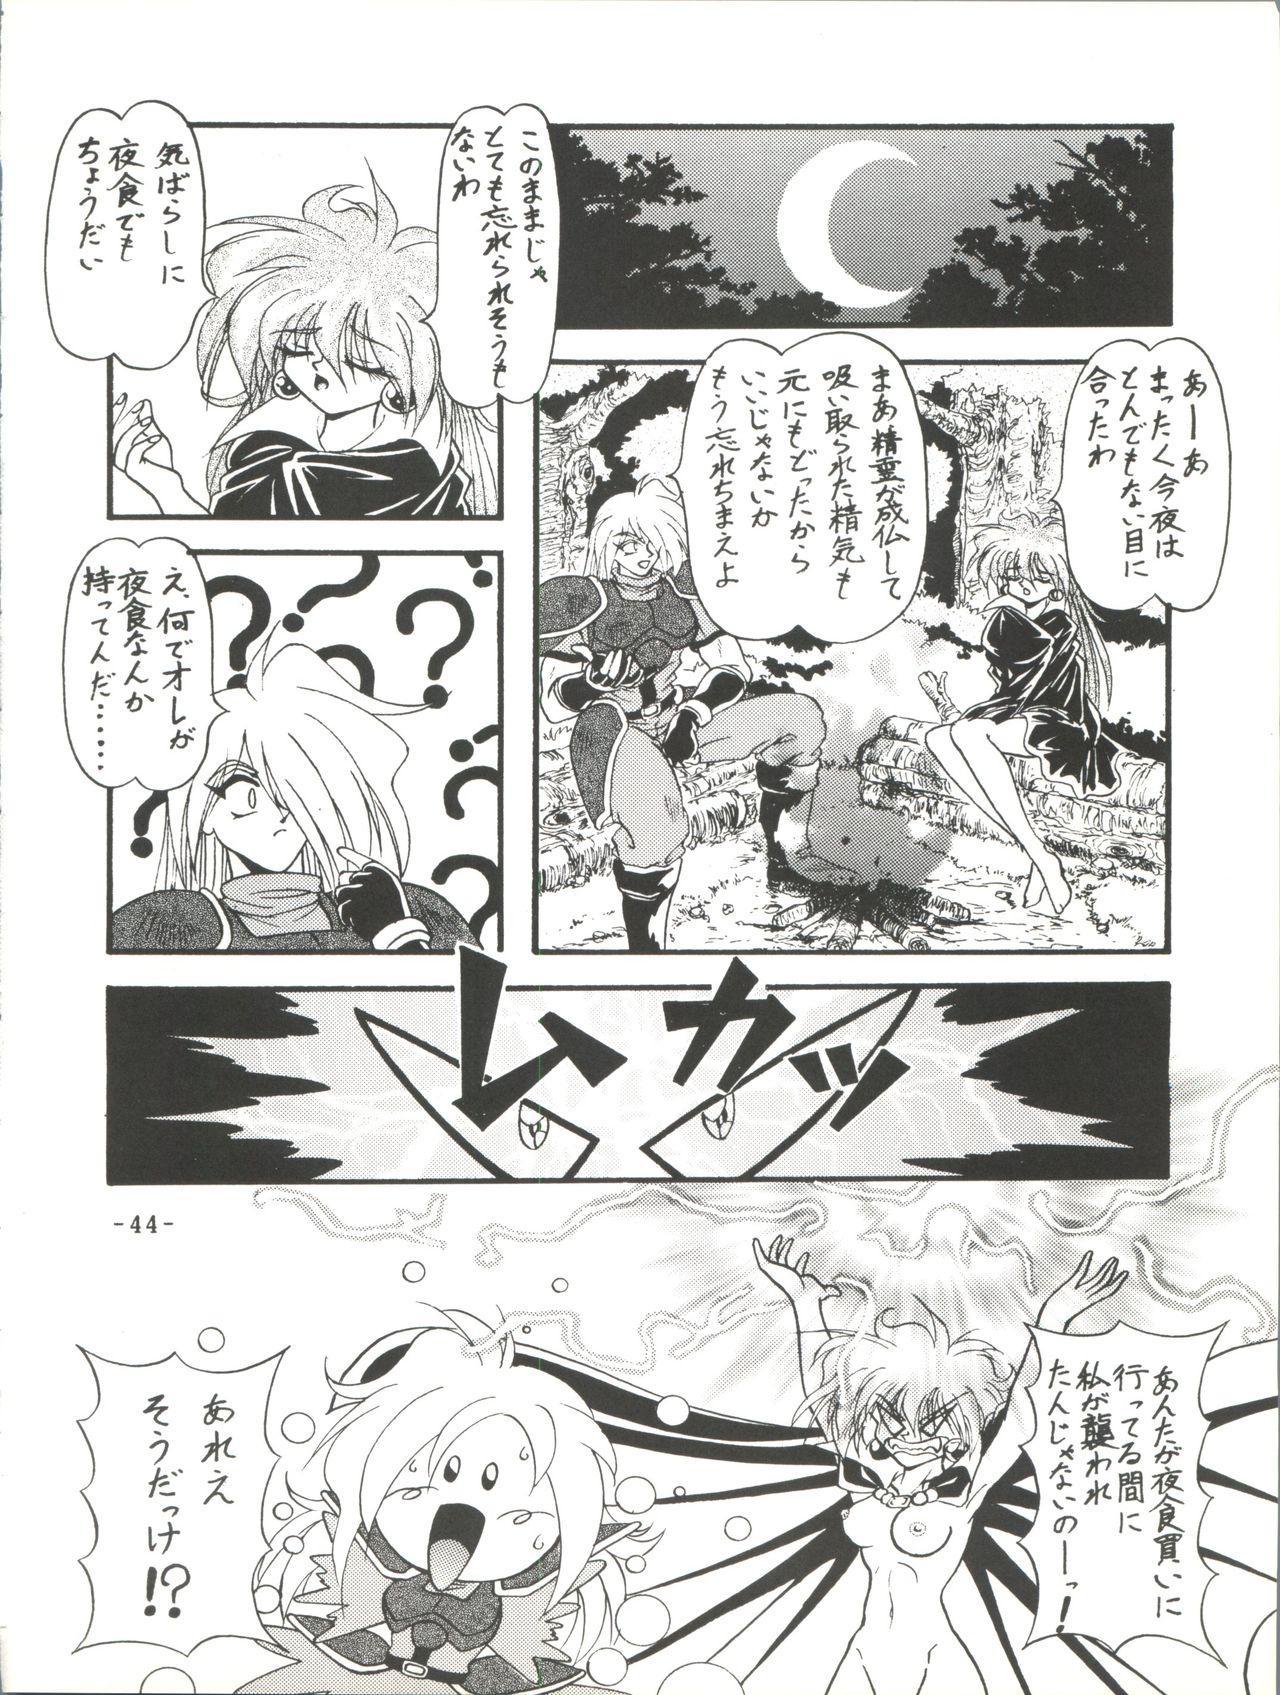 BTB-19.3 Kyou no Ohiru wa Naani 45